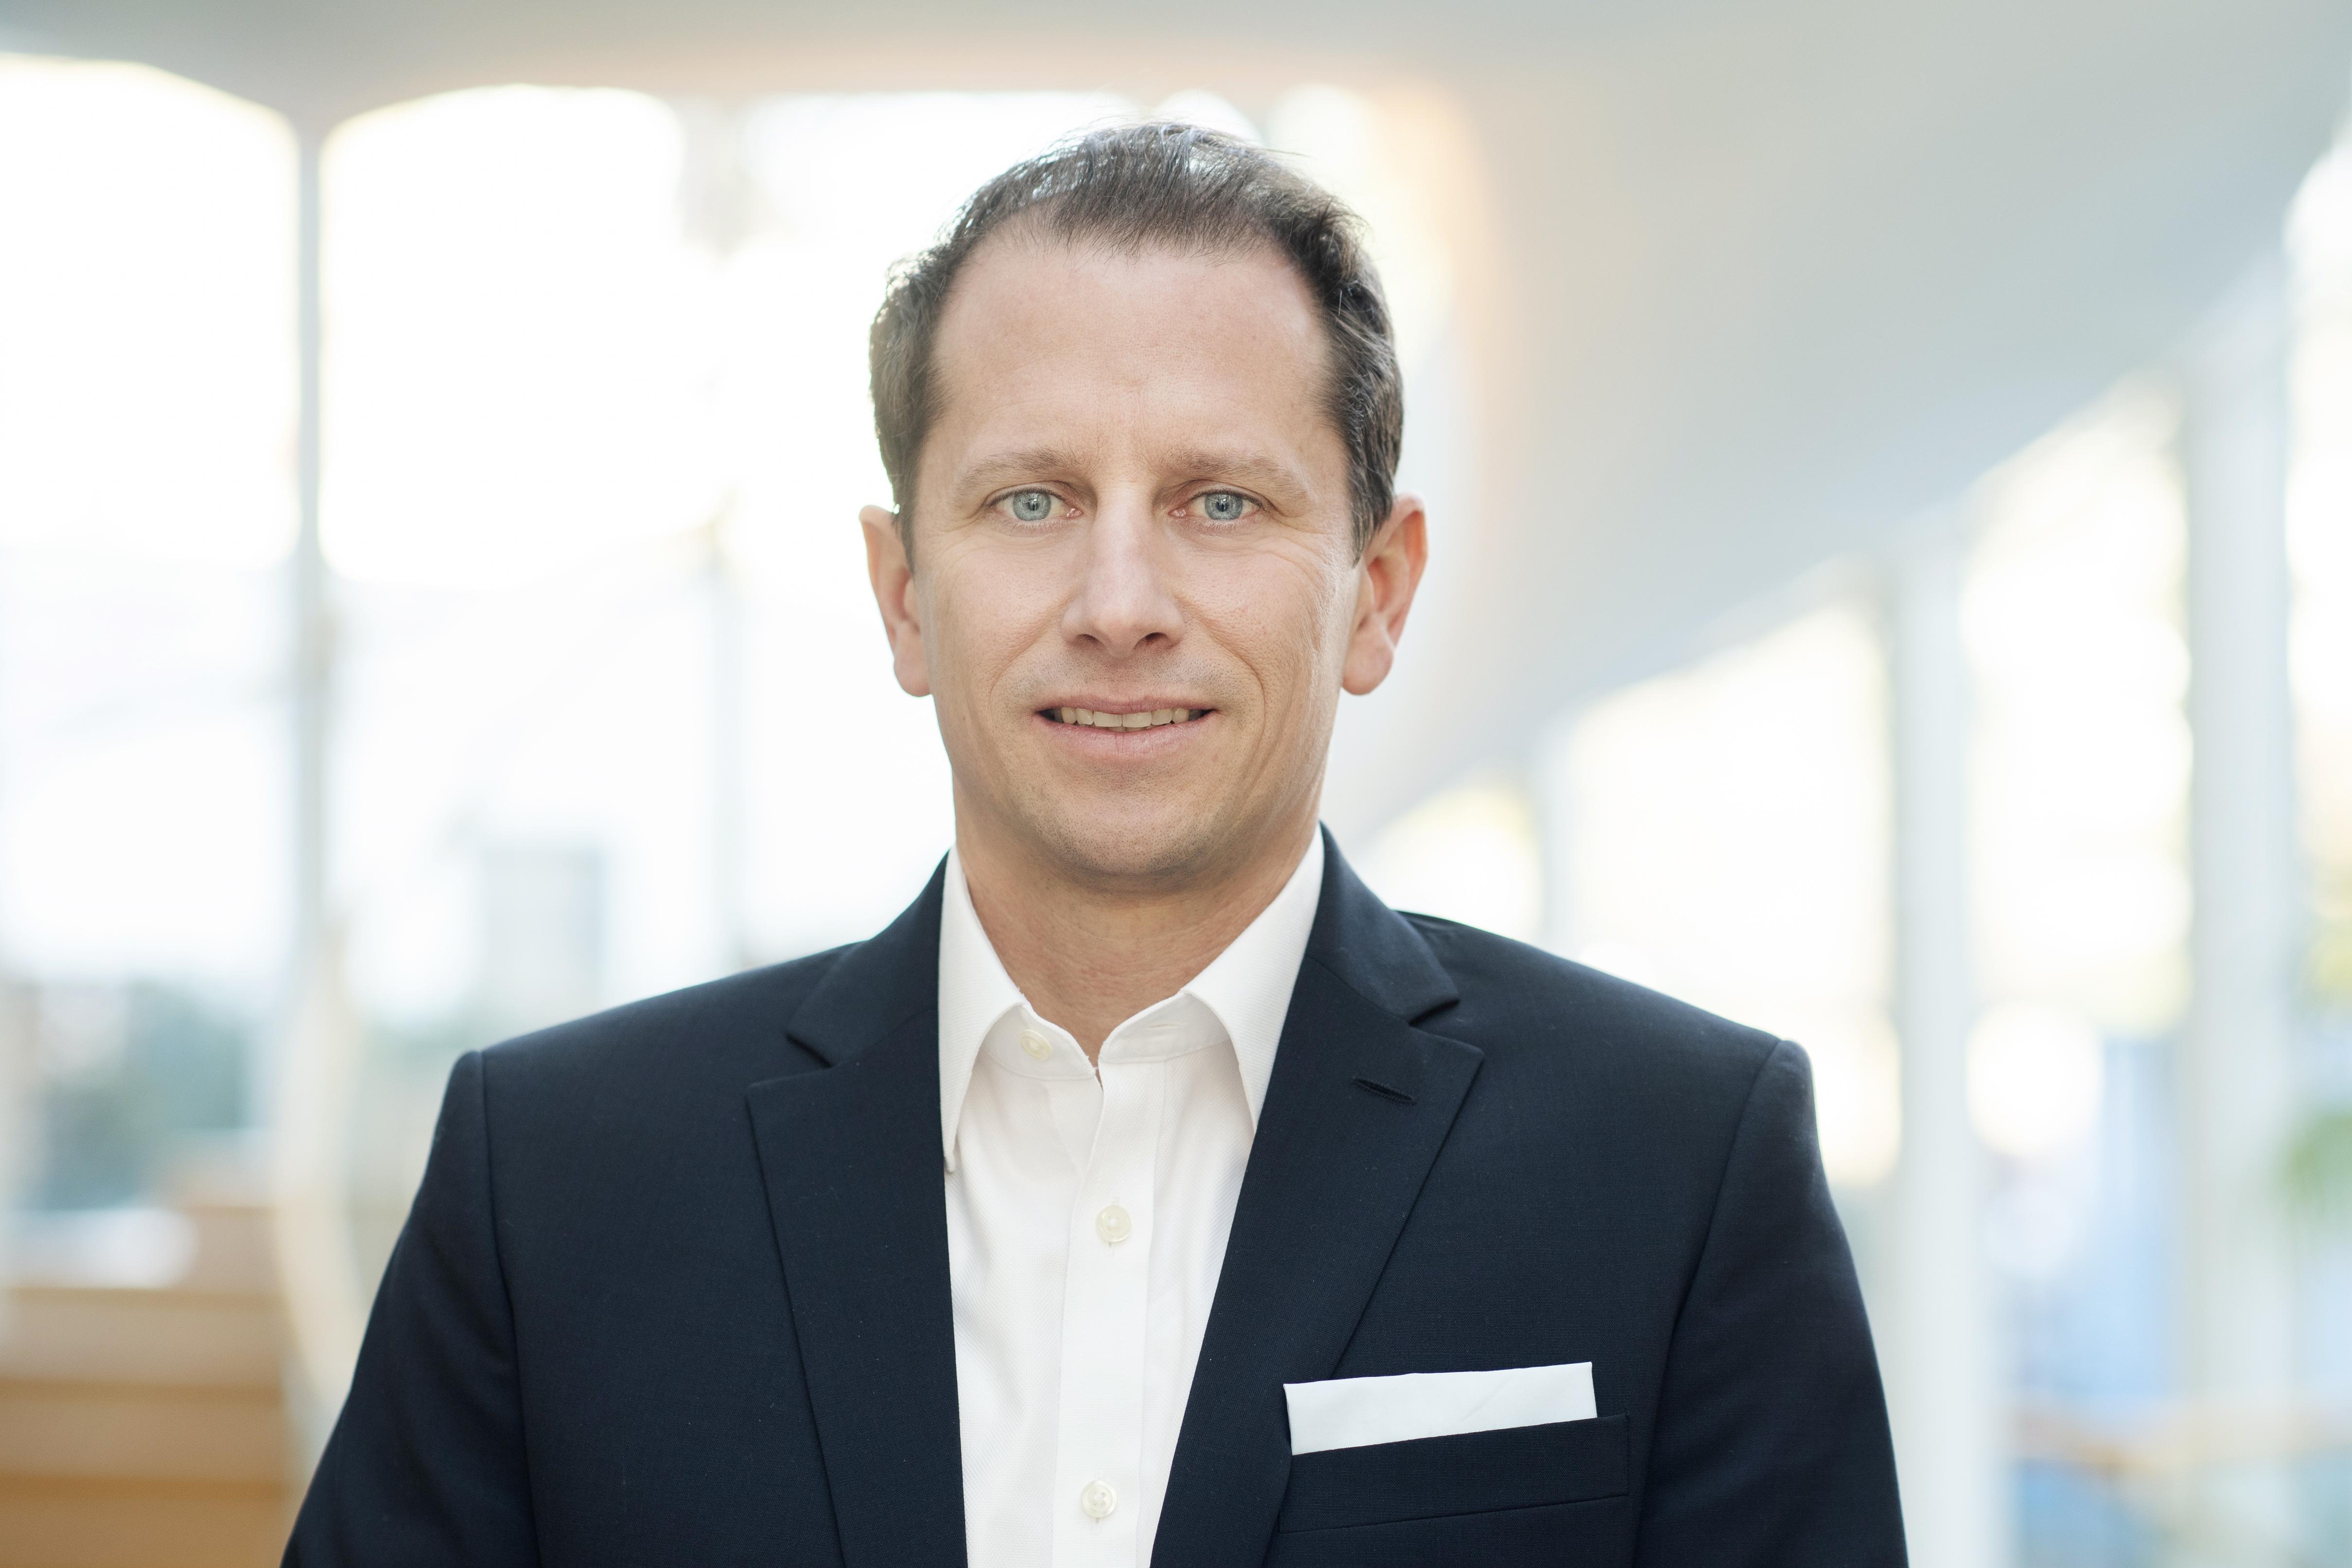 Markus Schad